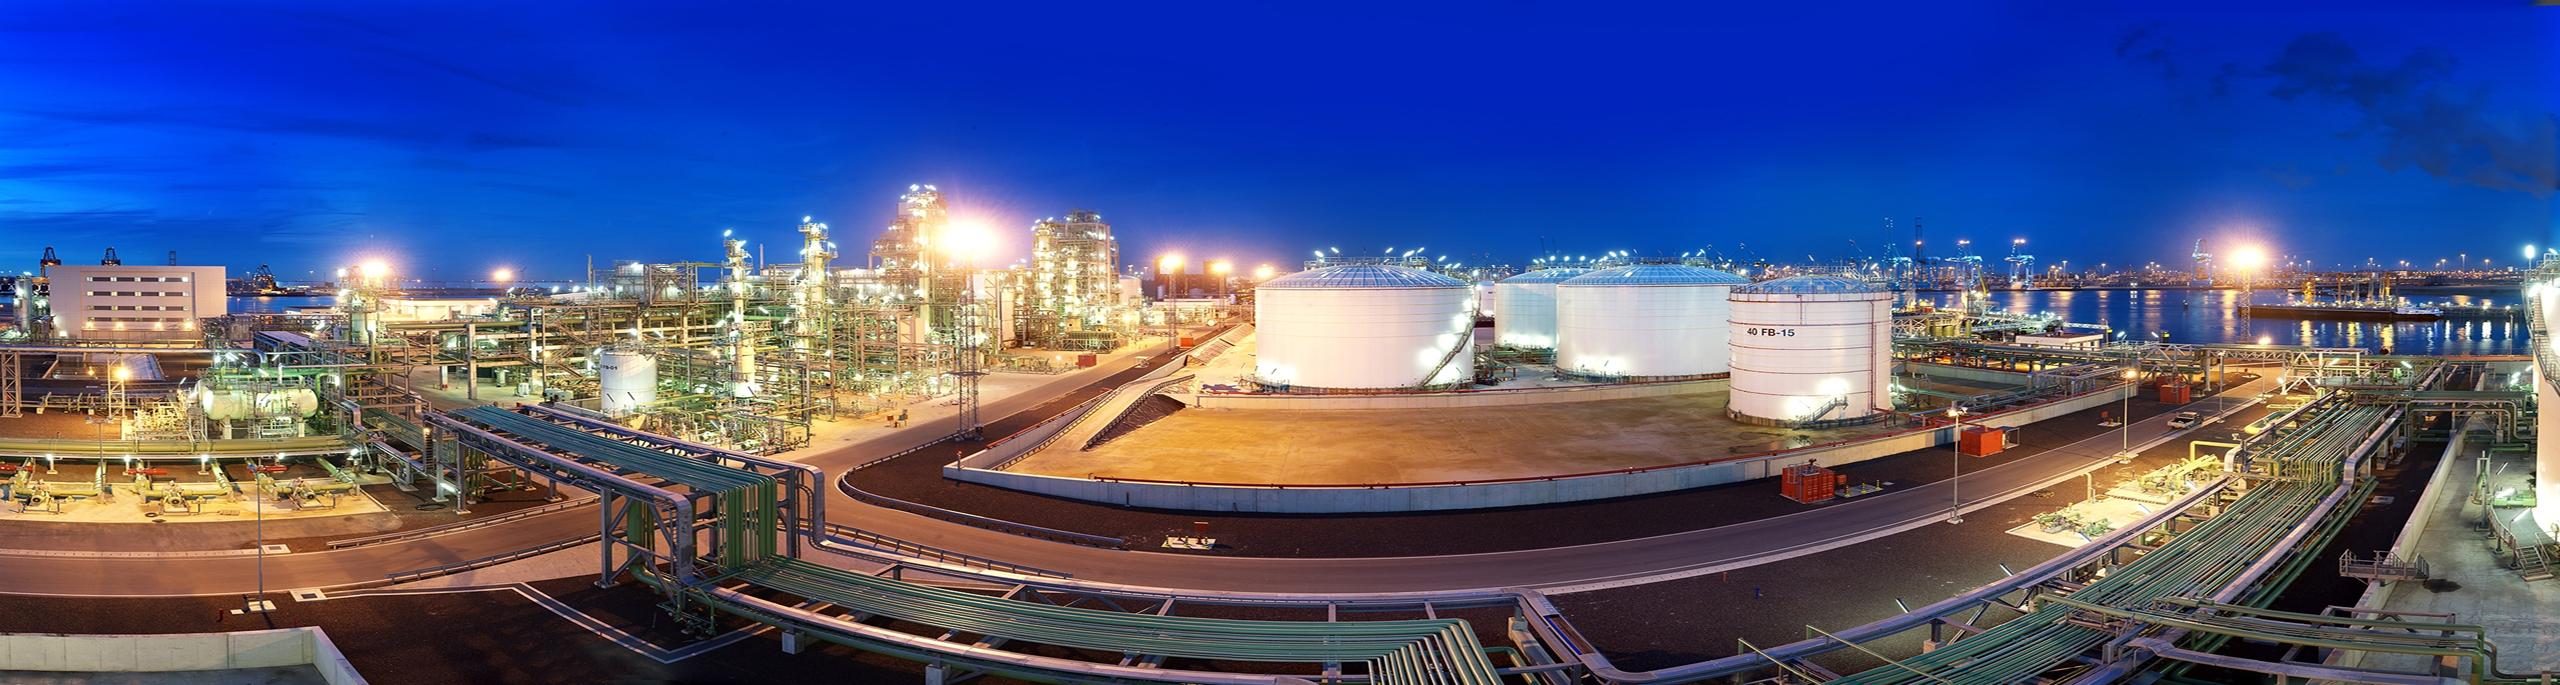 Stevige kostenbesparing bij hernieuwbare diesel-producent